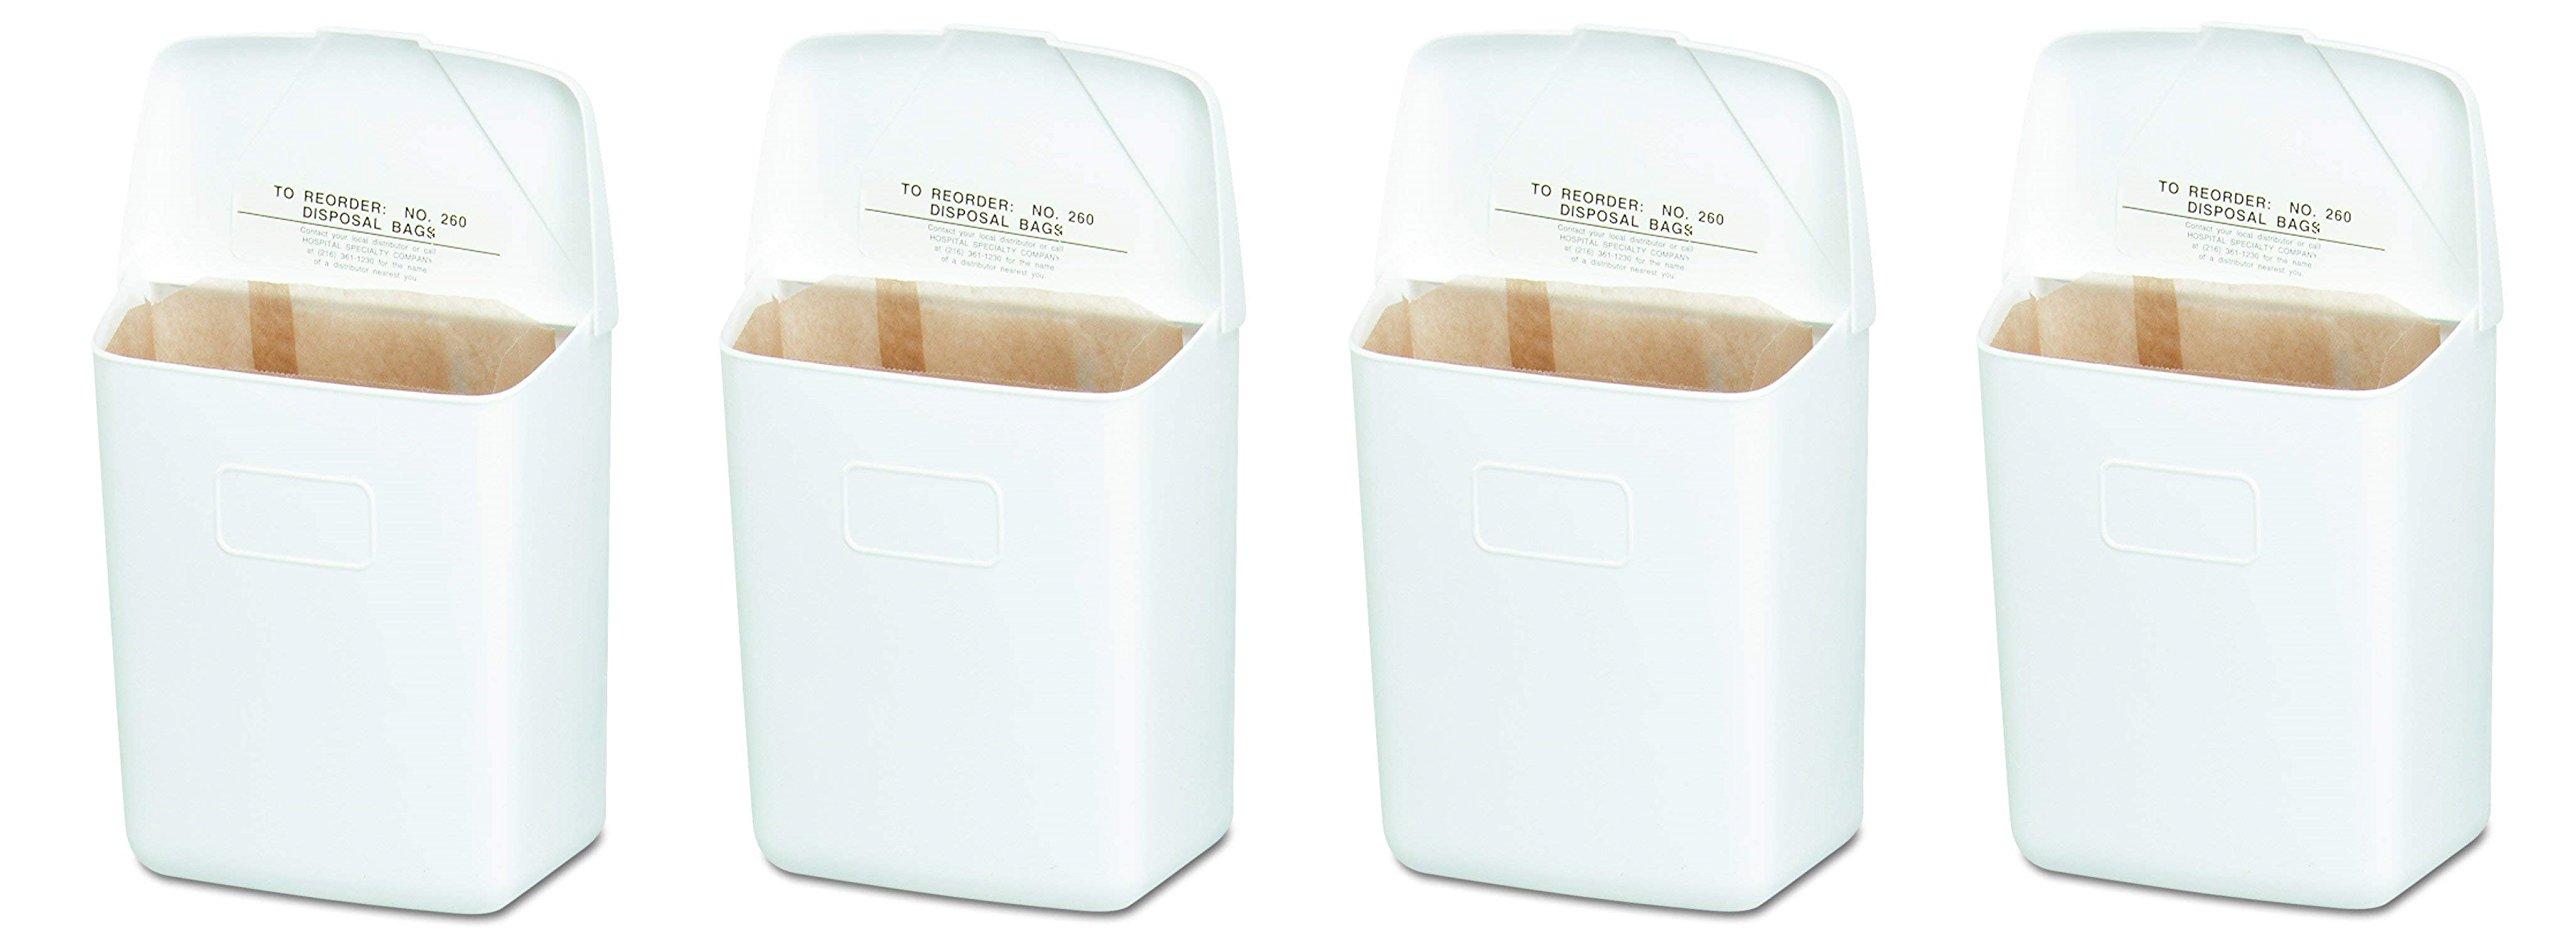 Hospeco Feminine Hygiene Receptacle, White ABS Plastic, 250-201W (4-Pack)